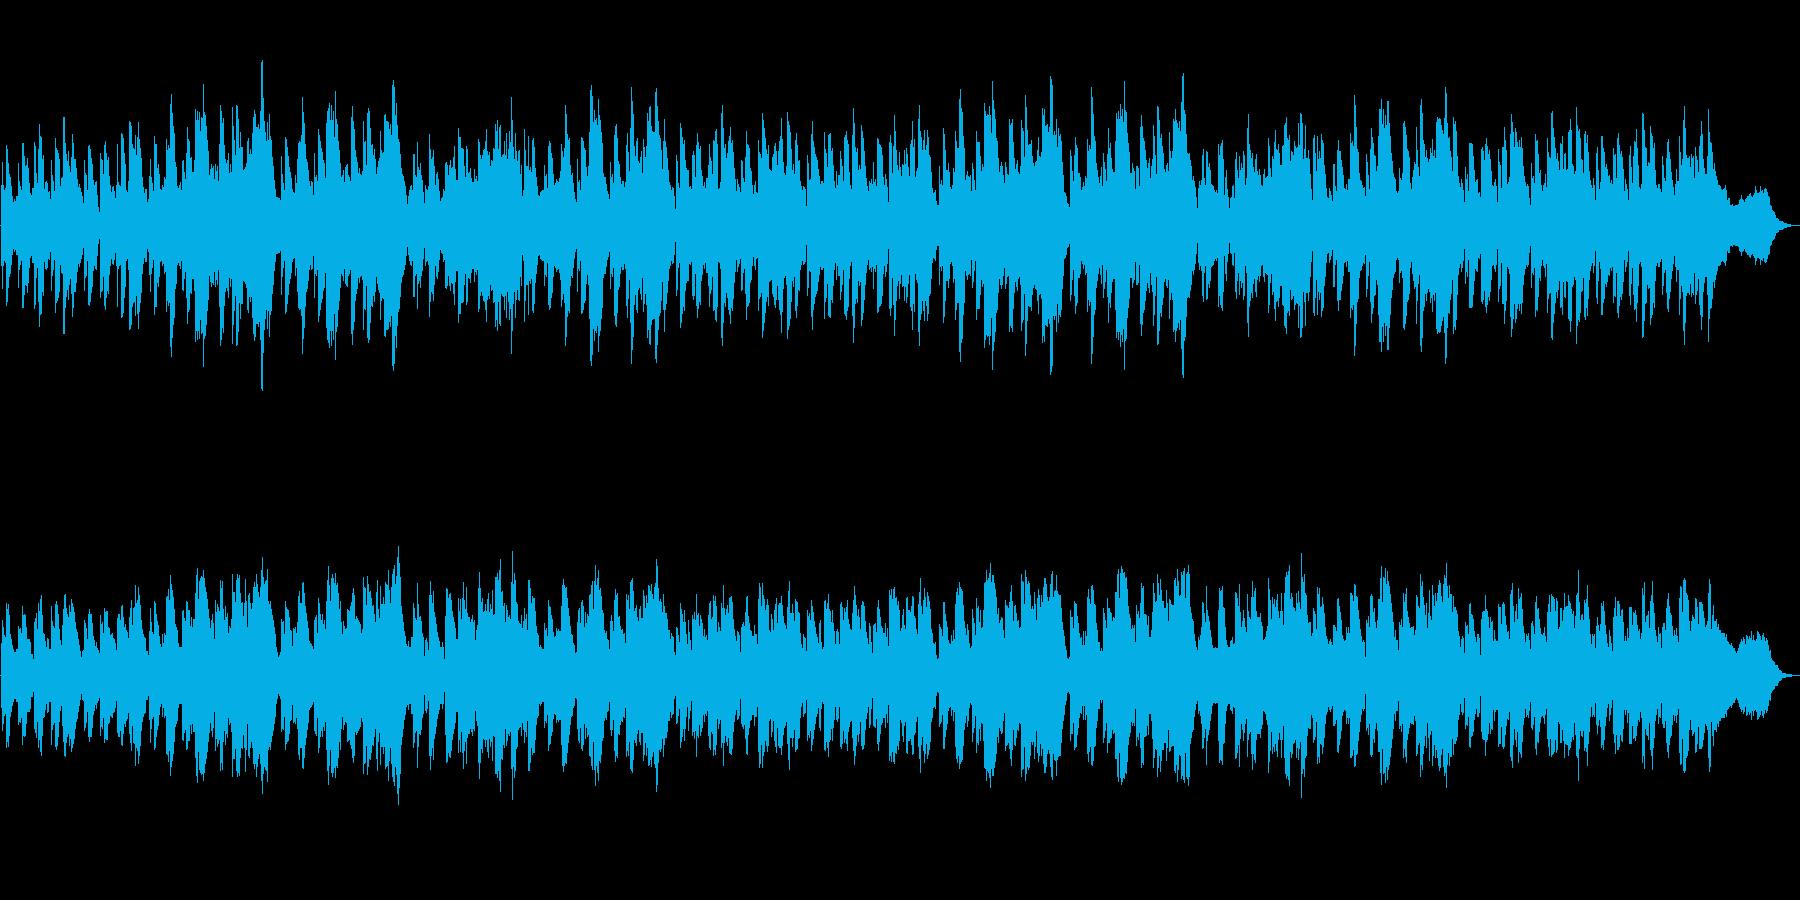 科学/分析/検証をイメージしたBGM_1の再生済みの波形